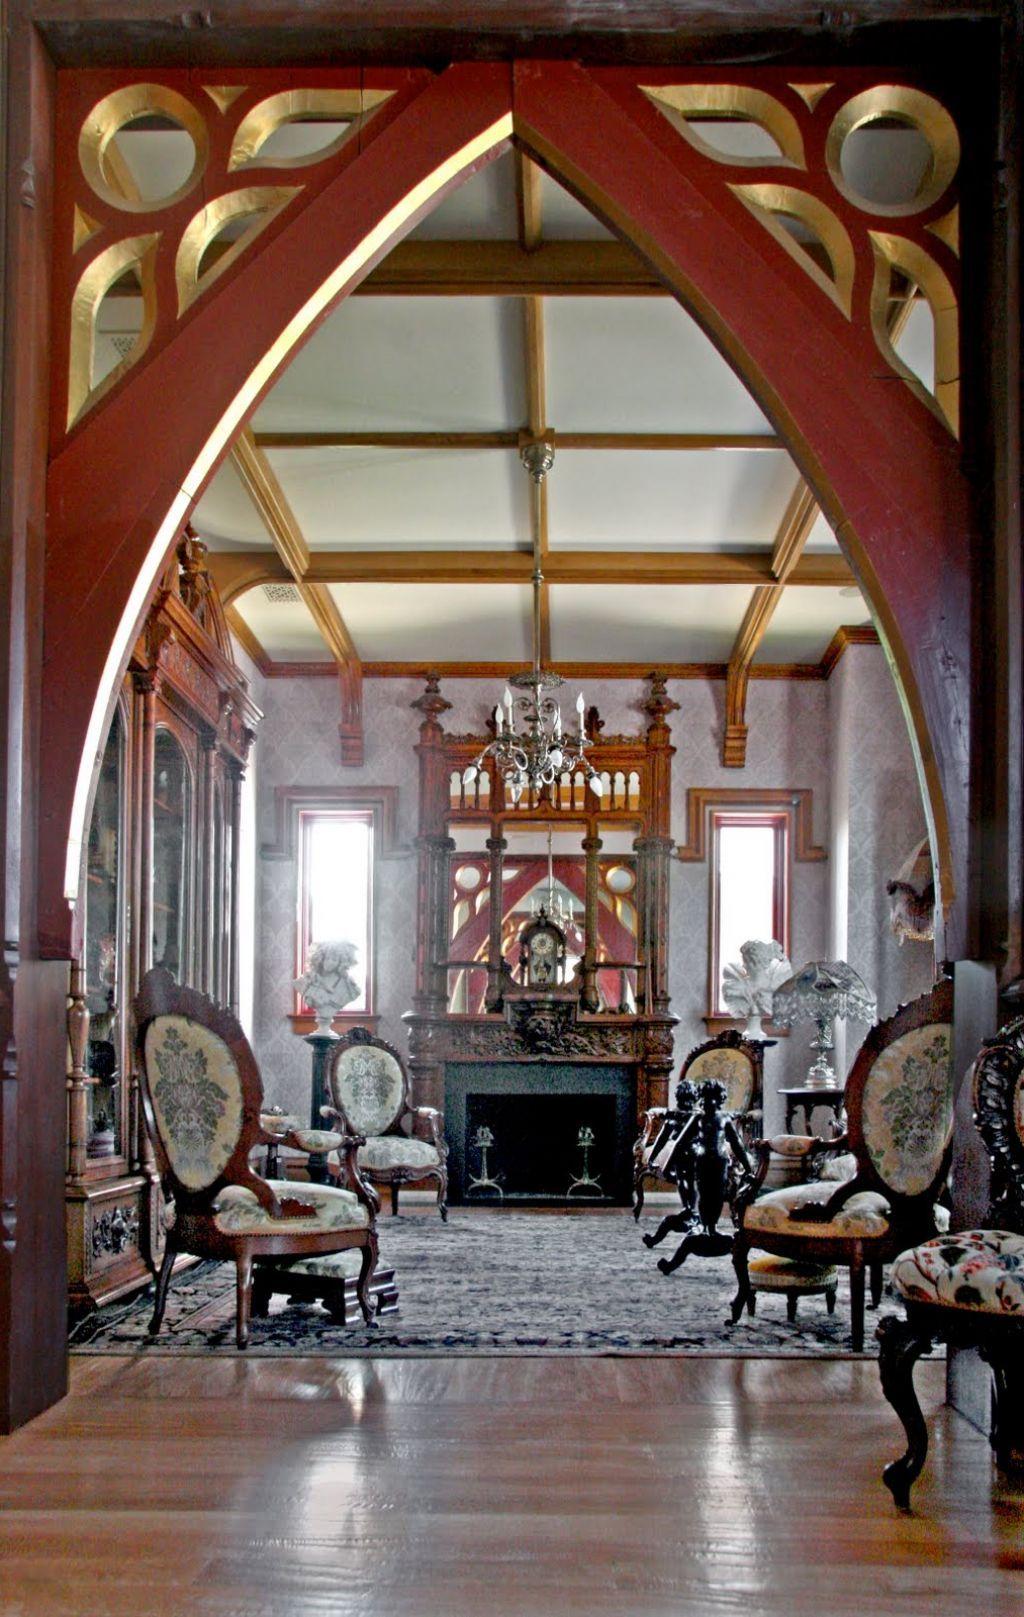 Interior Gothic Interior Design for Dark but Attractive Home Decor